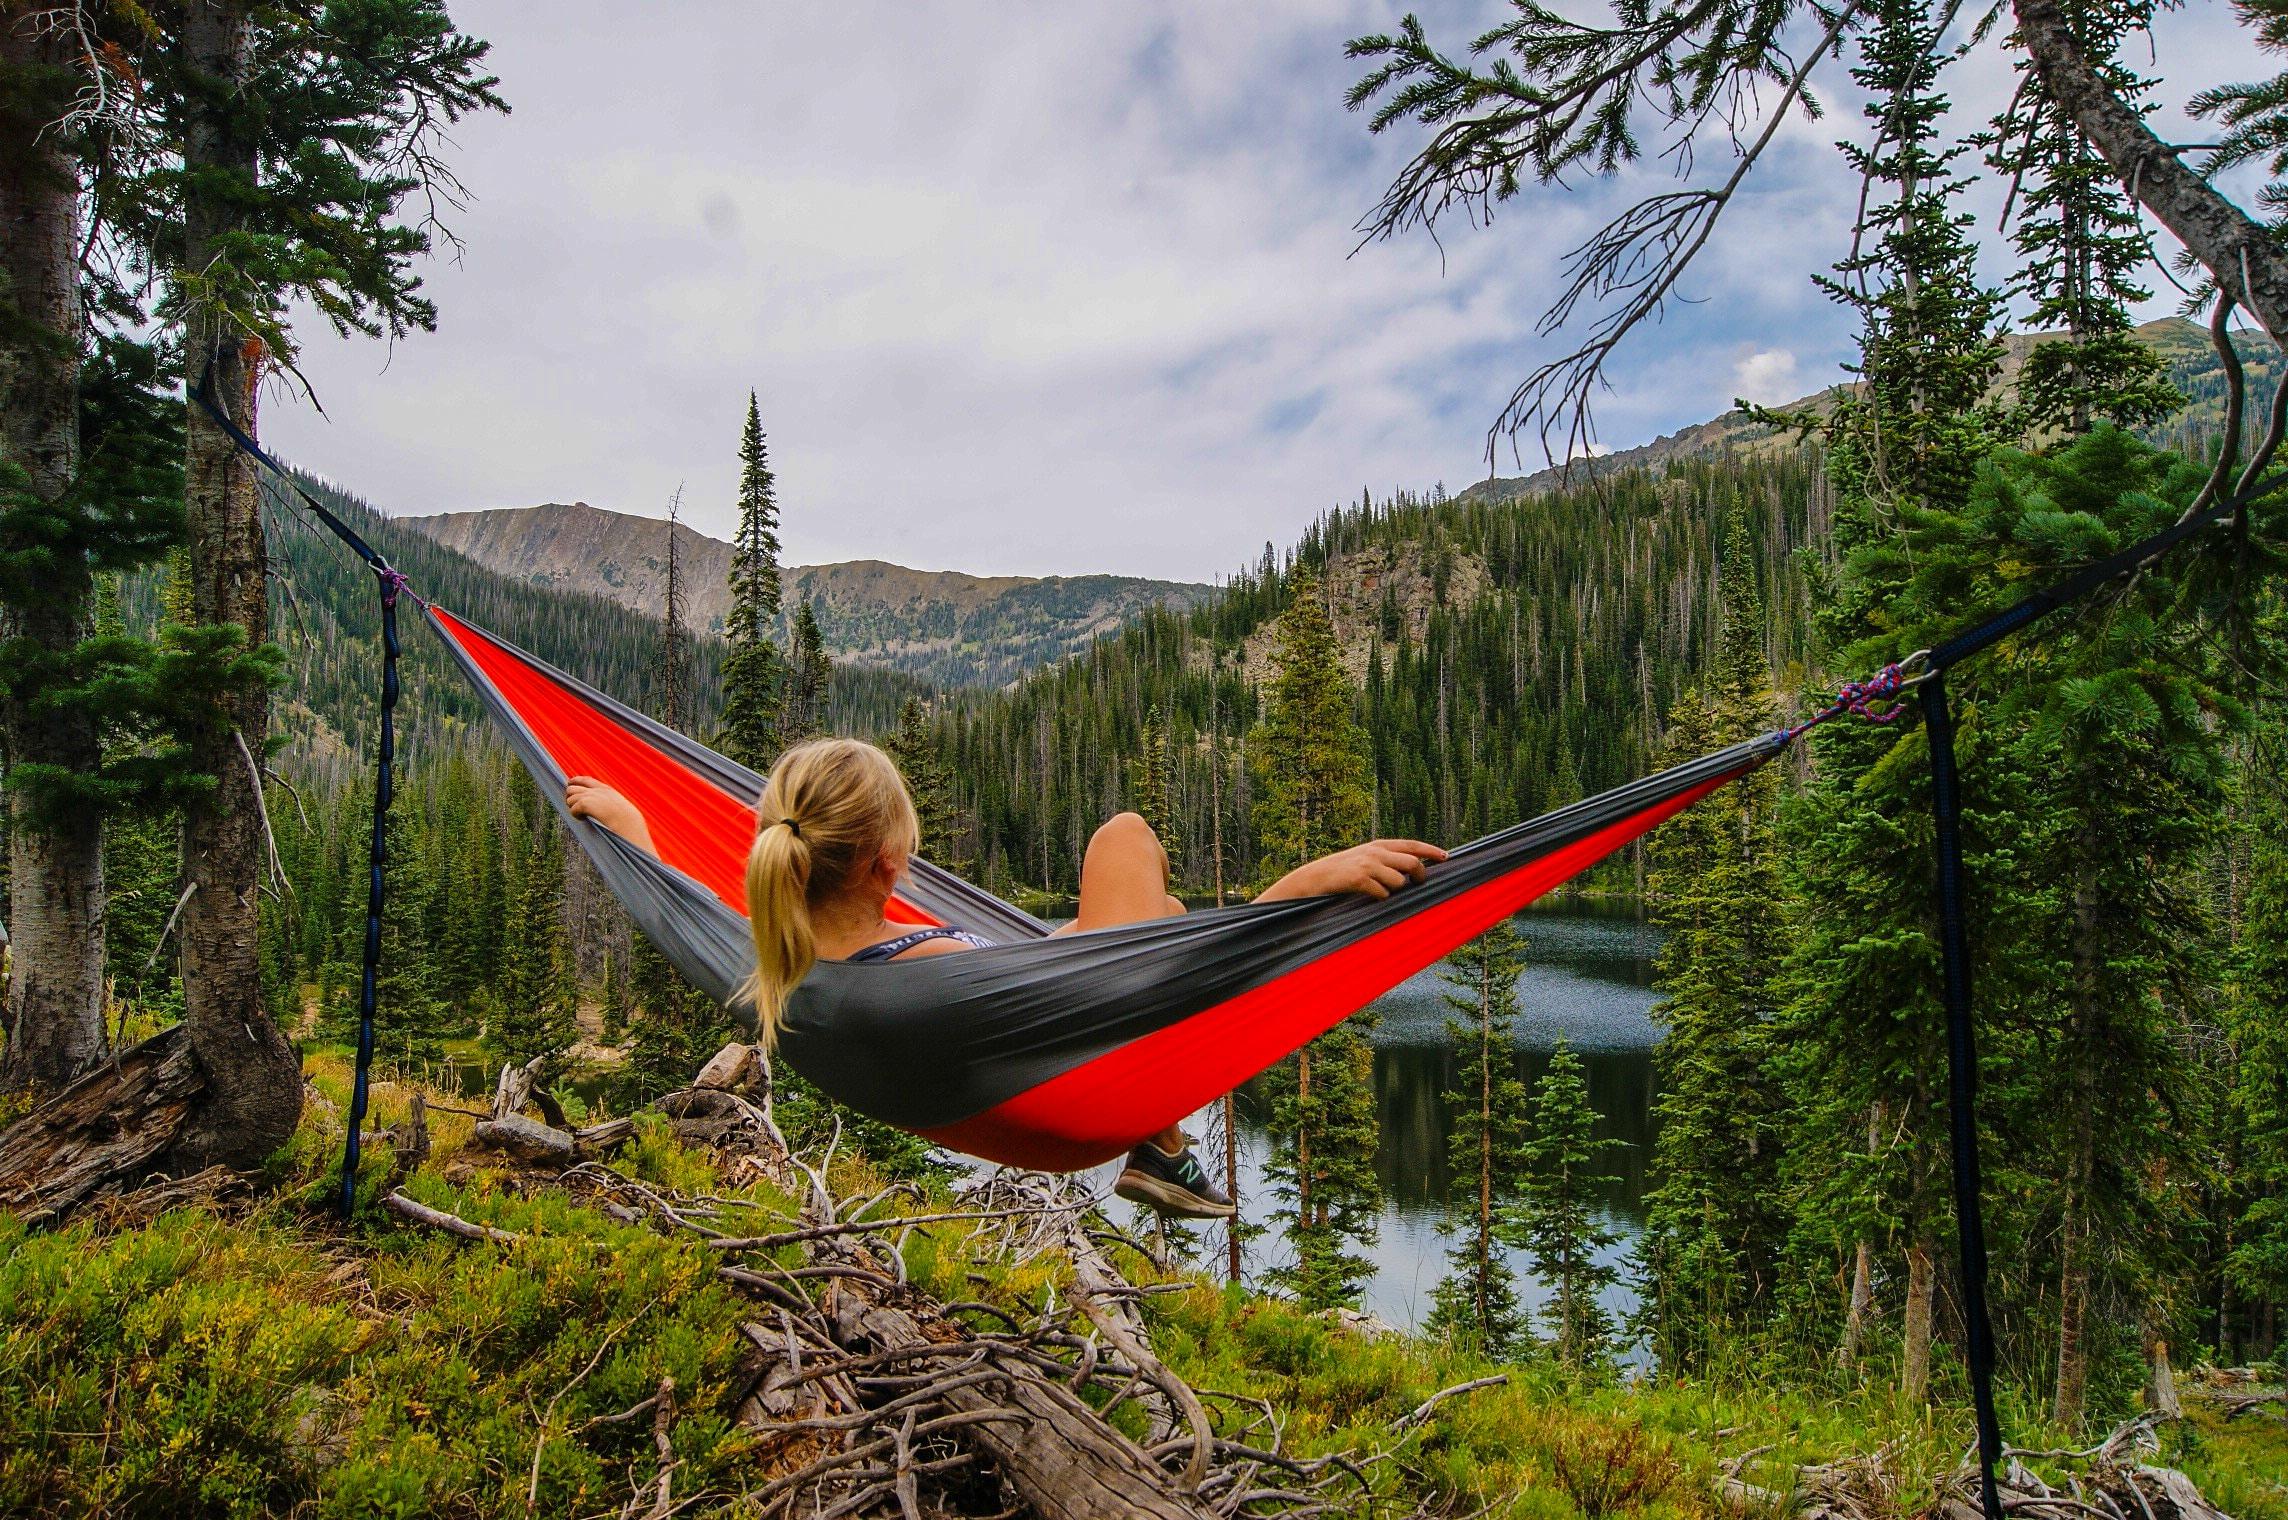 Comment Installer Un Hamac Sans Arbre hamac vs camping au sol : lequel est le plus confortable ?